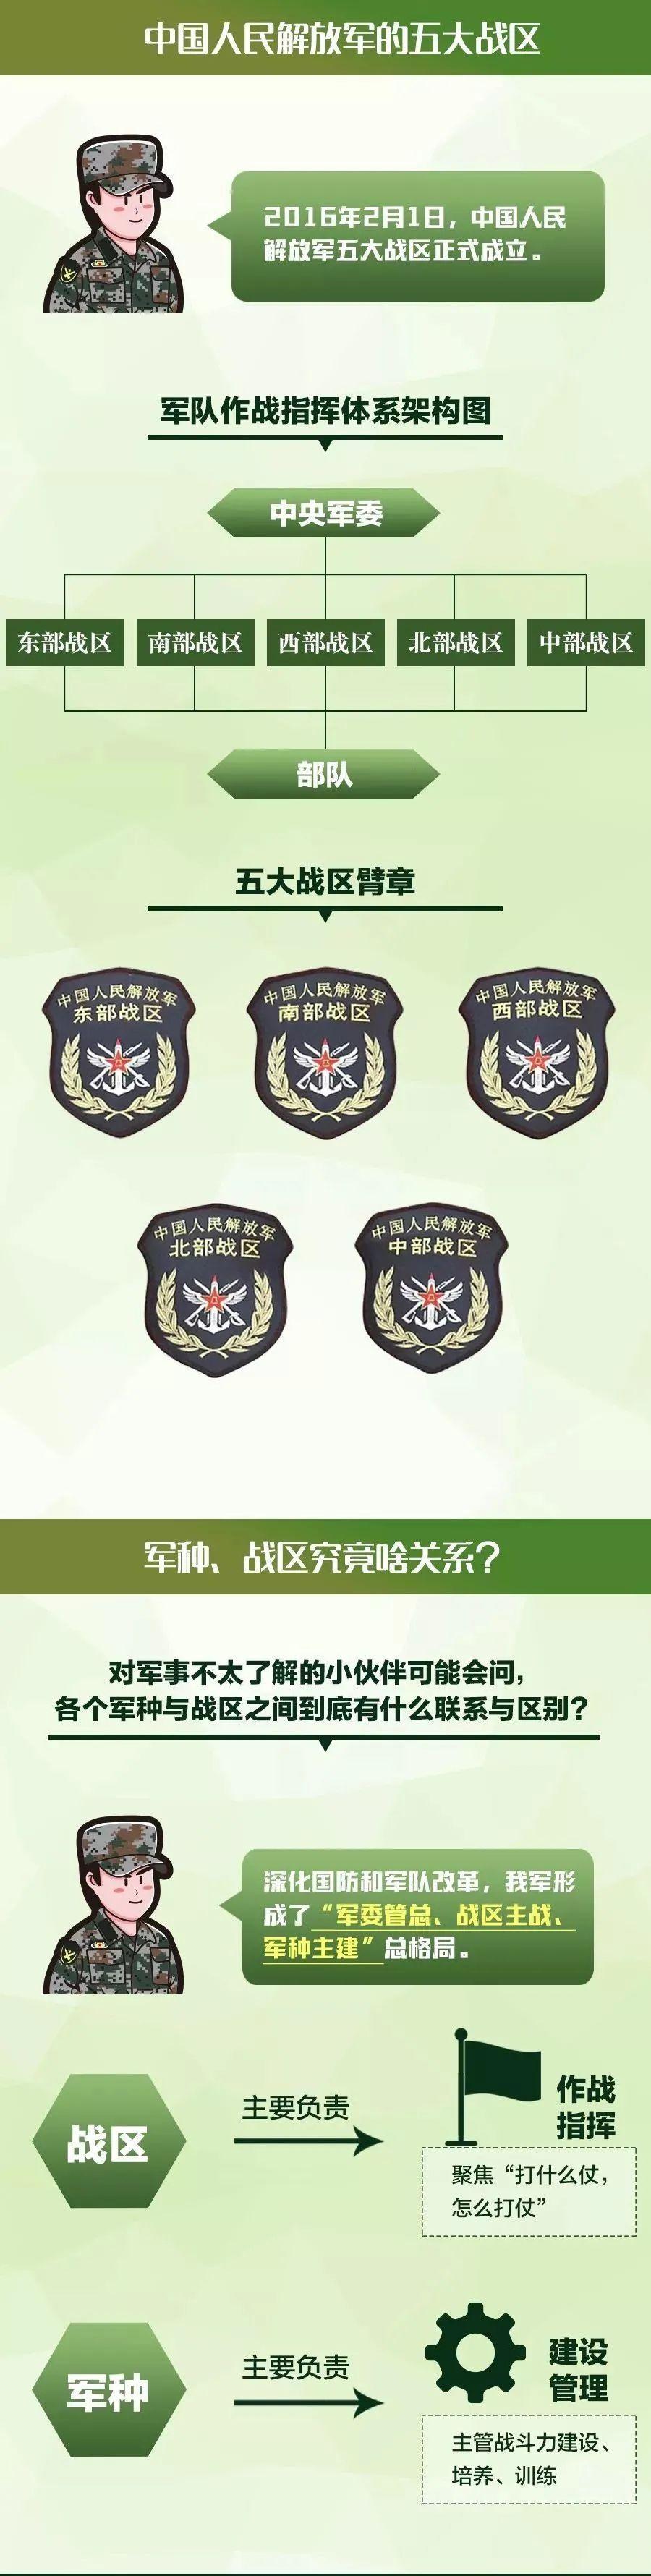 联勤部女兵_2021年征兵报名开始,男女兵需要什么条件?-大河号-大河网